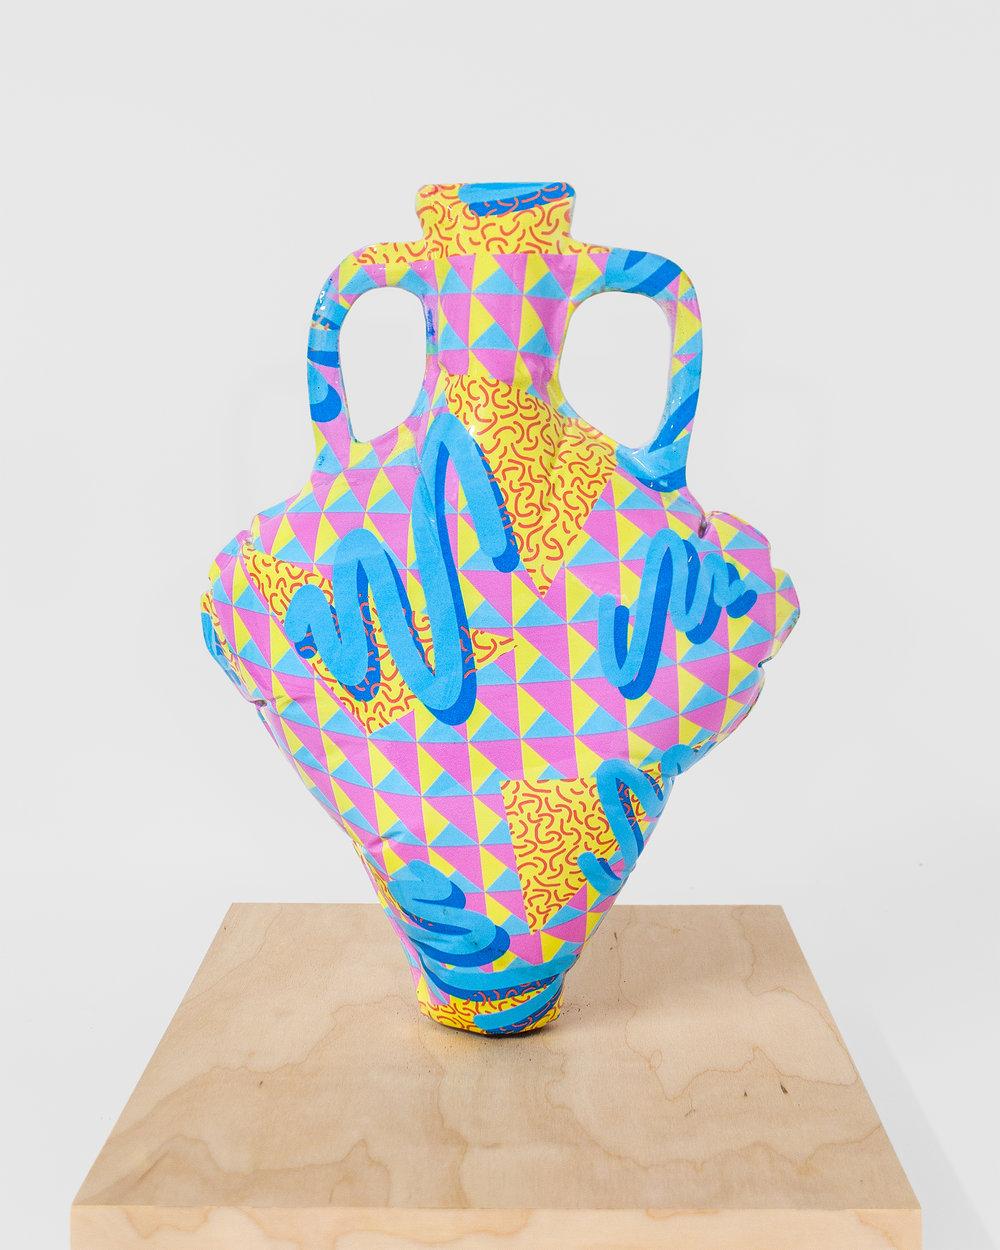 AdamParkerSmith_Sculpture8_Side5.jpg